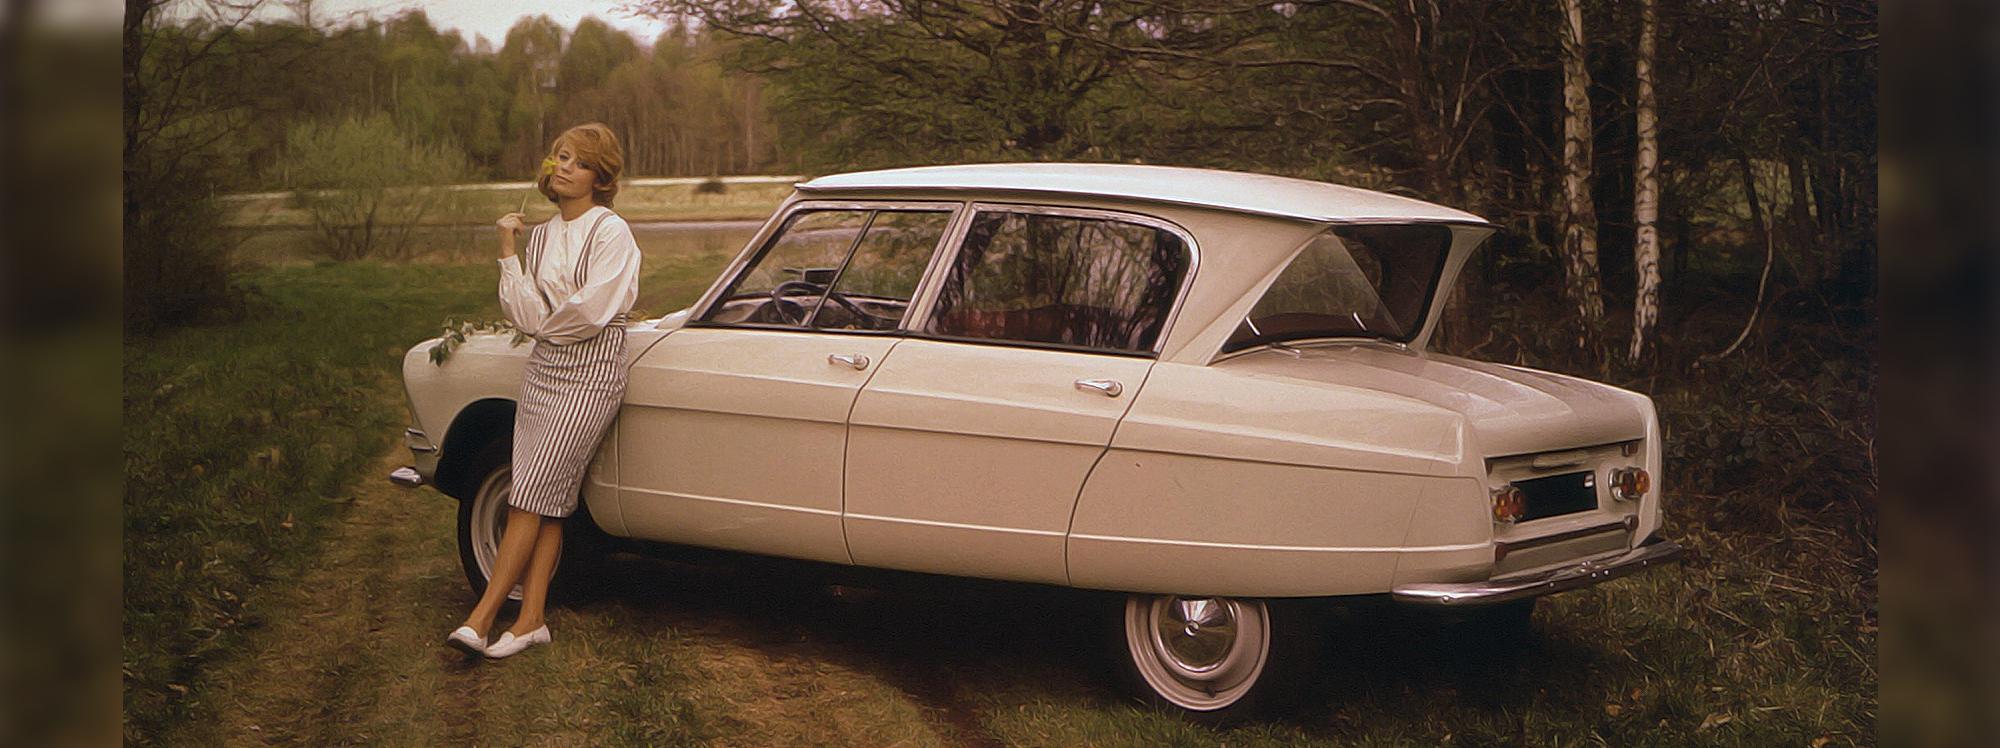 Recorra la historia del Citroën AMI 6 por sus 60 años